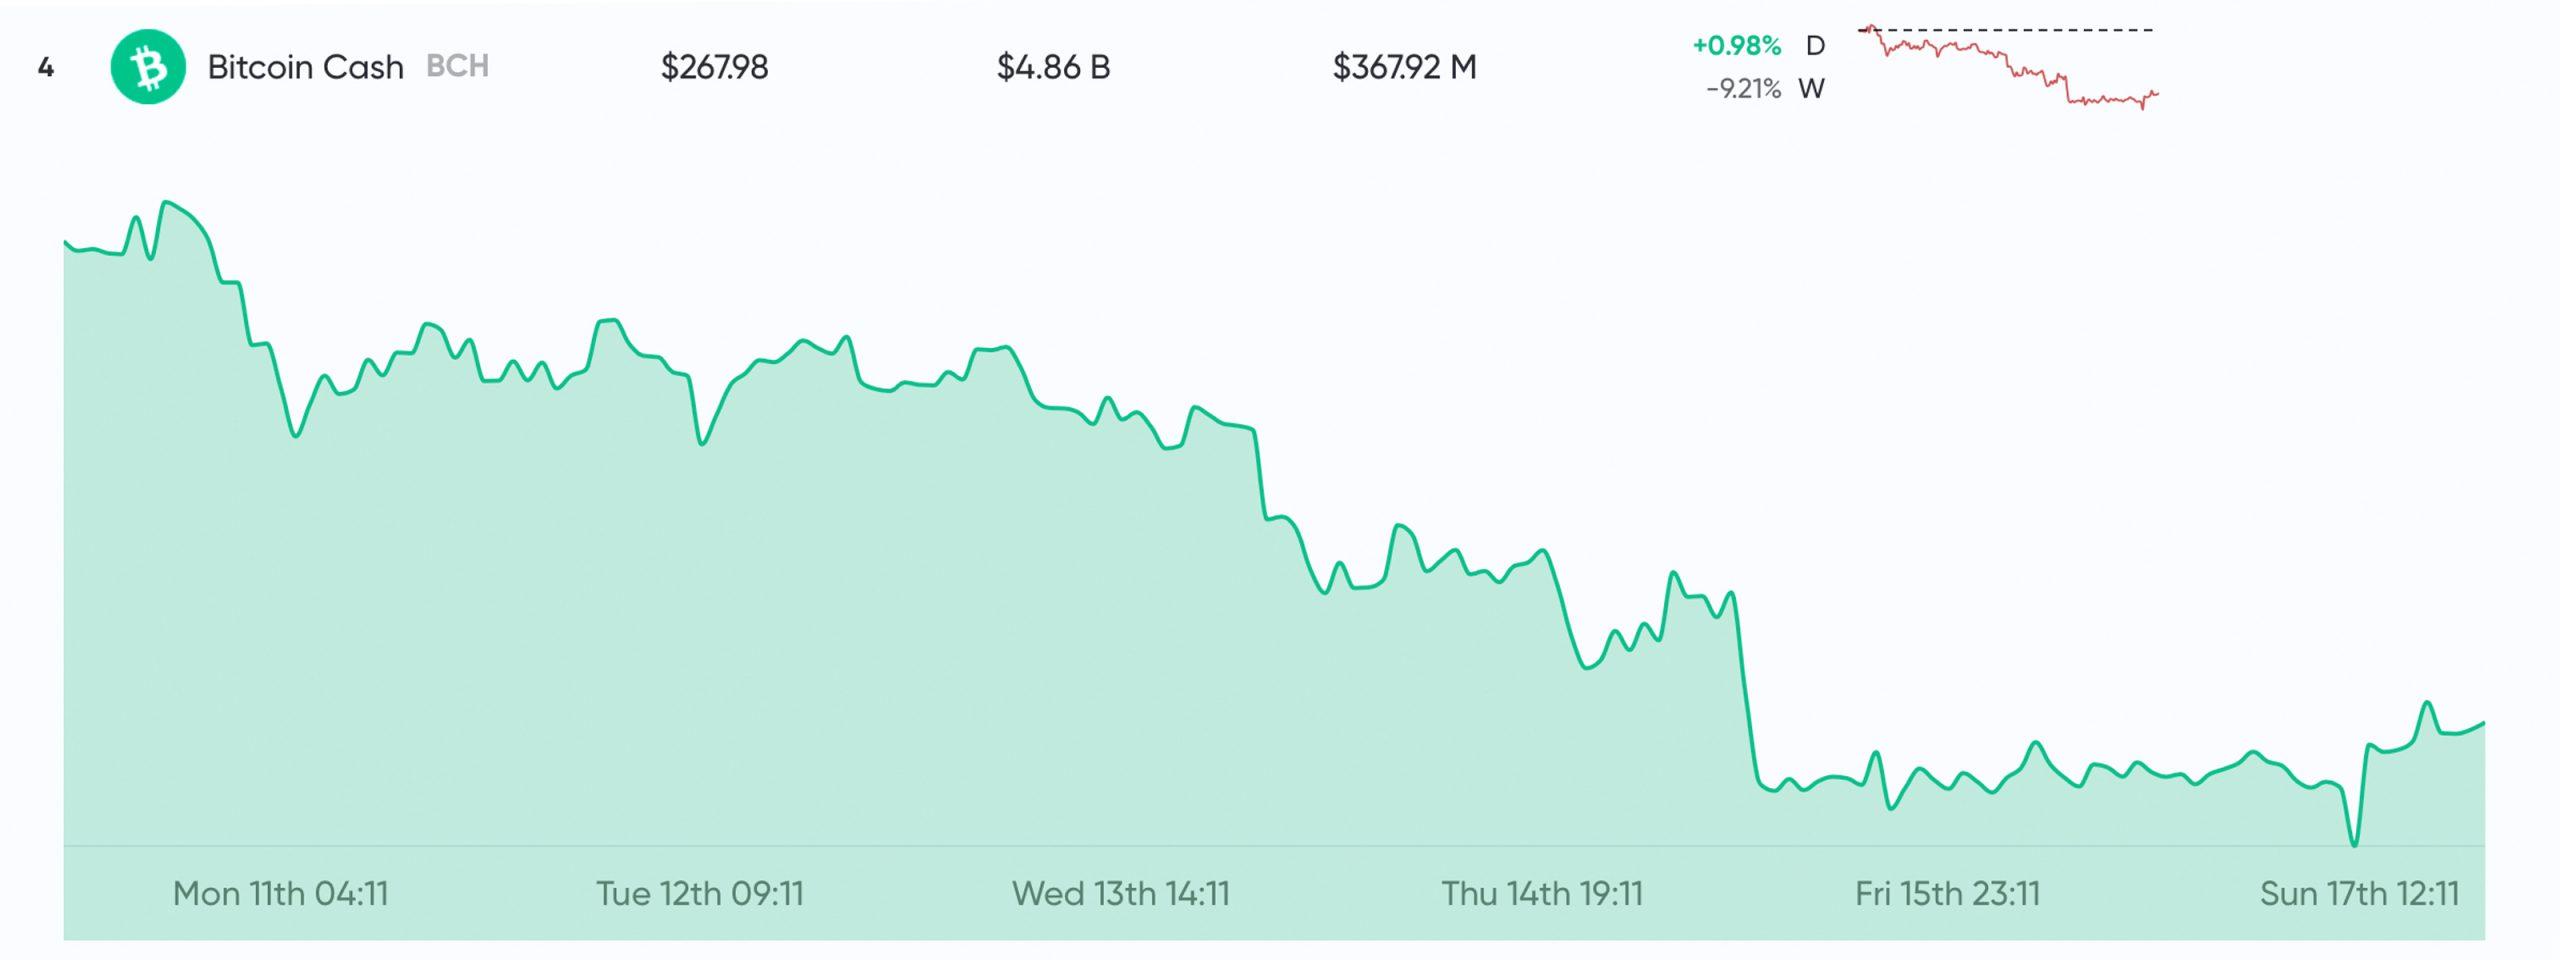 """Actualización del mercado: los precios de las criptomonedas mejoran después de una tendencia bajista de 3 semanas """"width ="""" 2560 """"height ="""" 960 """"srcset ="""" https : //news.bitcoin.com/wp-content/uploads/2019/11/bch332222-scaled.jpg 2560w, https://news.bitcoin.com/wp-content/uploads/2019/11/bch332222-300x113. jpg 300w, https://news.bitcoin.com/wp-content/uploads/2019/11/bch332222-1024x384.jpg 1024w, https://news.bitcoin.com/wp-content/uploads/2019/11/ bch332222-768x288.jpg 768w, https://news.bitcoin.com/wp-content/uploads/2019/11/bch332222-1536x576.jpg 1536w, https://news.bitcoin.com/wp-content/uploads/ 2019/11 / bch332222-2048x768.jpg 2048w, https://news.bitcoin.com/wp-content/uploads/2019/11/bch332222-696x261.jpg 696w, https://news.bitcoin.com/wp- content / uploads / 2019/11 / bch332222-1392x522.jpg 1392w, https://news.bitcoin.com/wp-content/uploads/2019/11/bch332222-1068x401.jpg 1068w, https: //news.bitcoin. com / wp-content / uploads / 2019/11 / bch332222-11 20x420.jpg 1120w, https://news.bitcoin.com/wp-content/uploads/2019/11/bch332222-1920x720.jpg 1920w """"tamaños ="""" (ancho máximo: 2560px) 100vw, 2560px"""